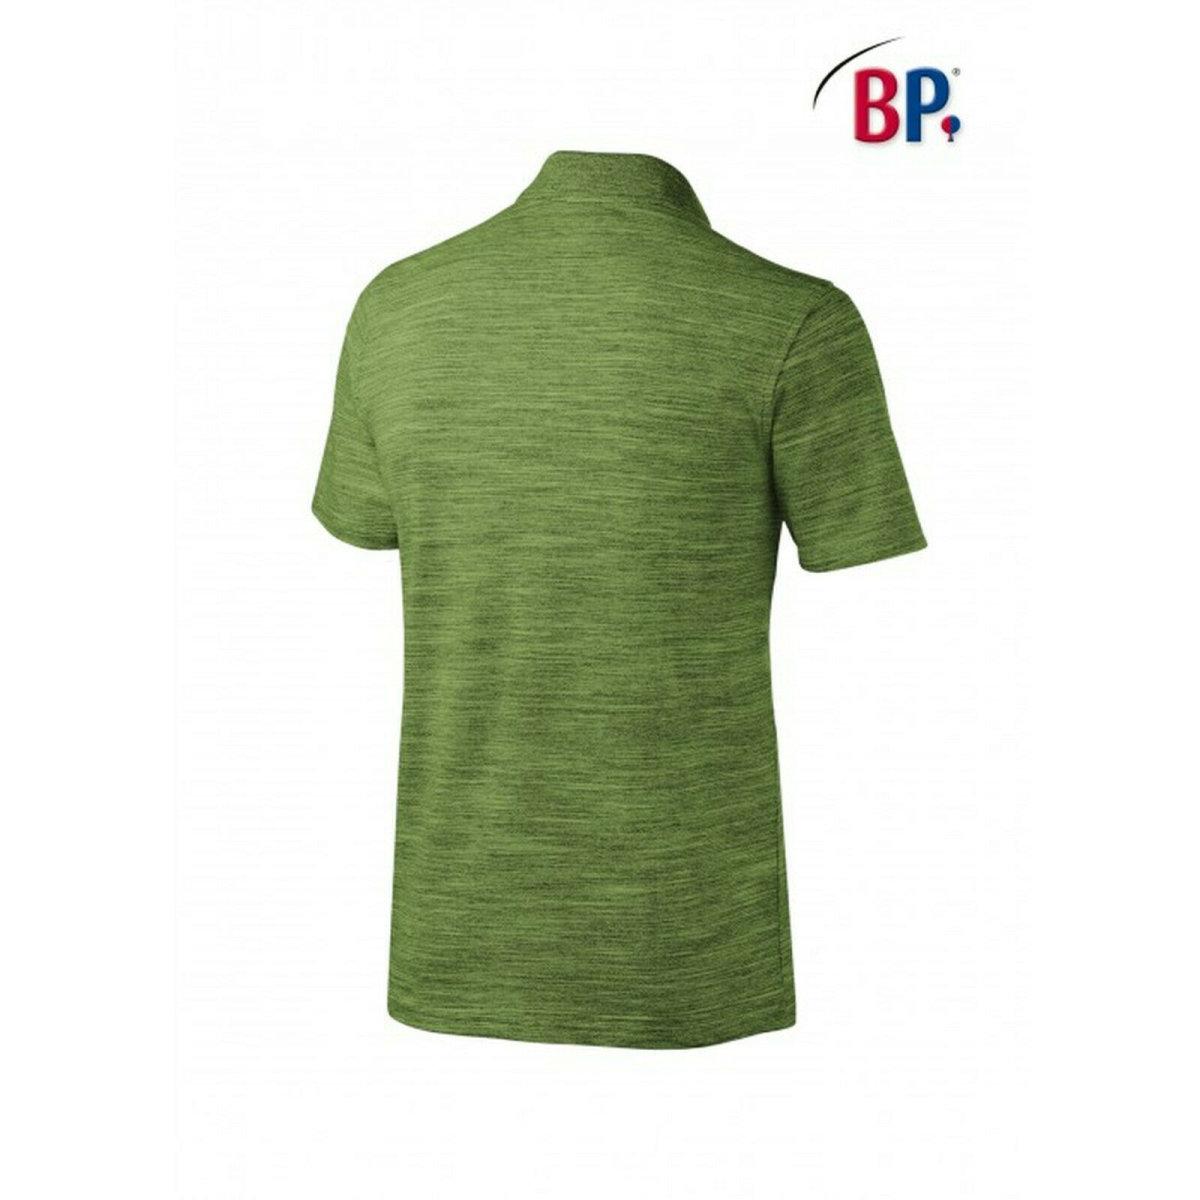 BP Workwear Poloshirt für Sie & Ihn 1712 space new green modern fit Stretch  XL